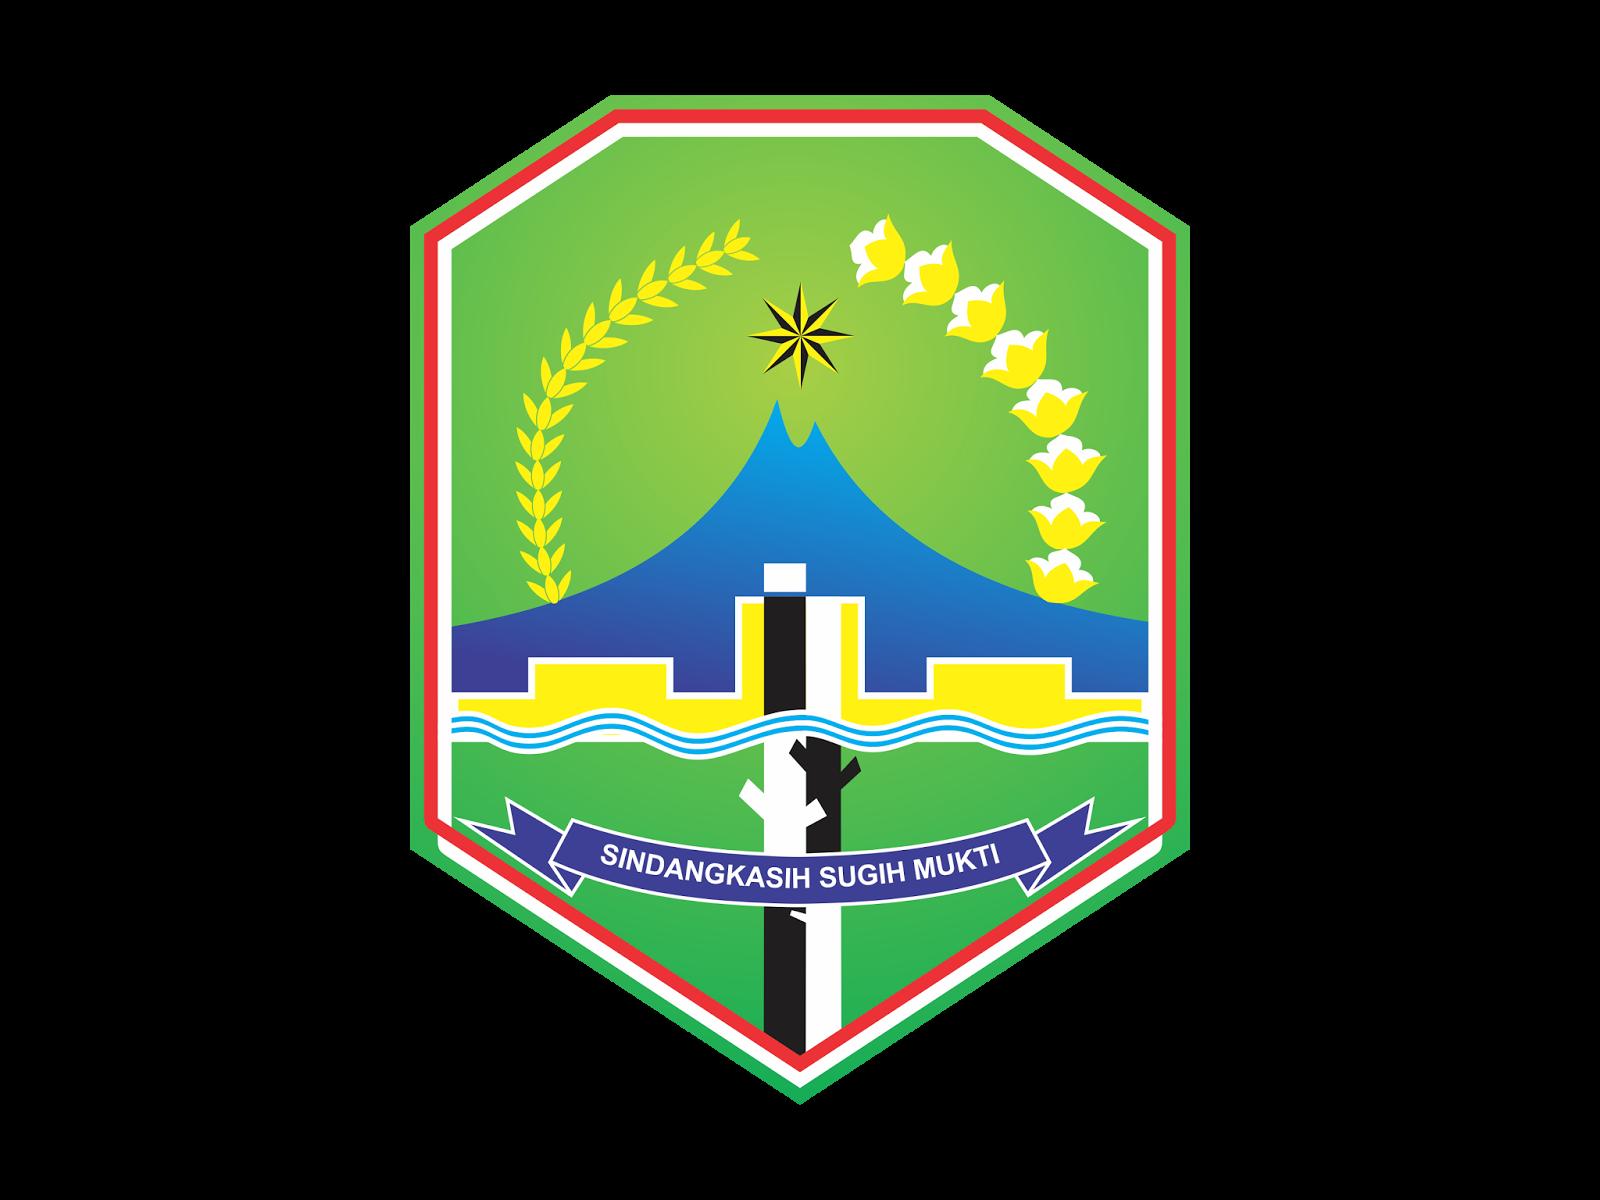 Logo Kabupaten Majalengka Format Cdr Png Biologizone